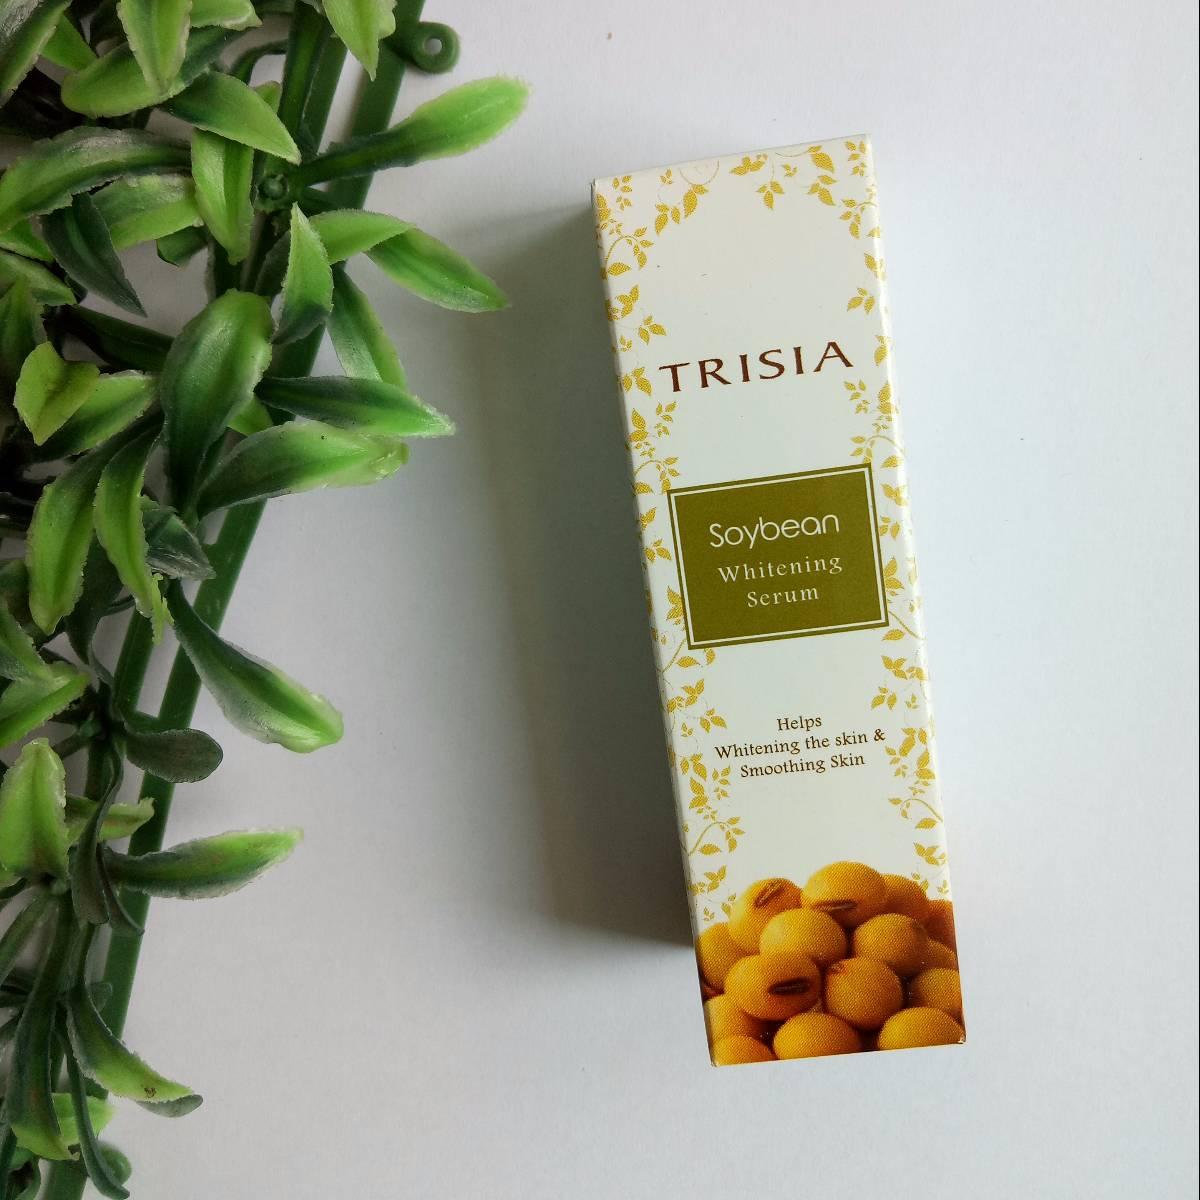 Trisia Soybean Whitening Serum Pemutih Wajah